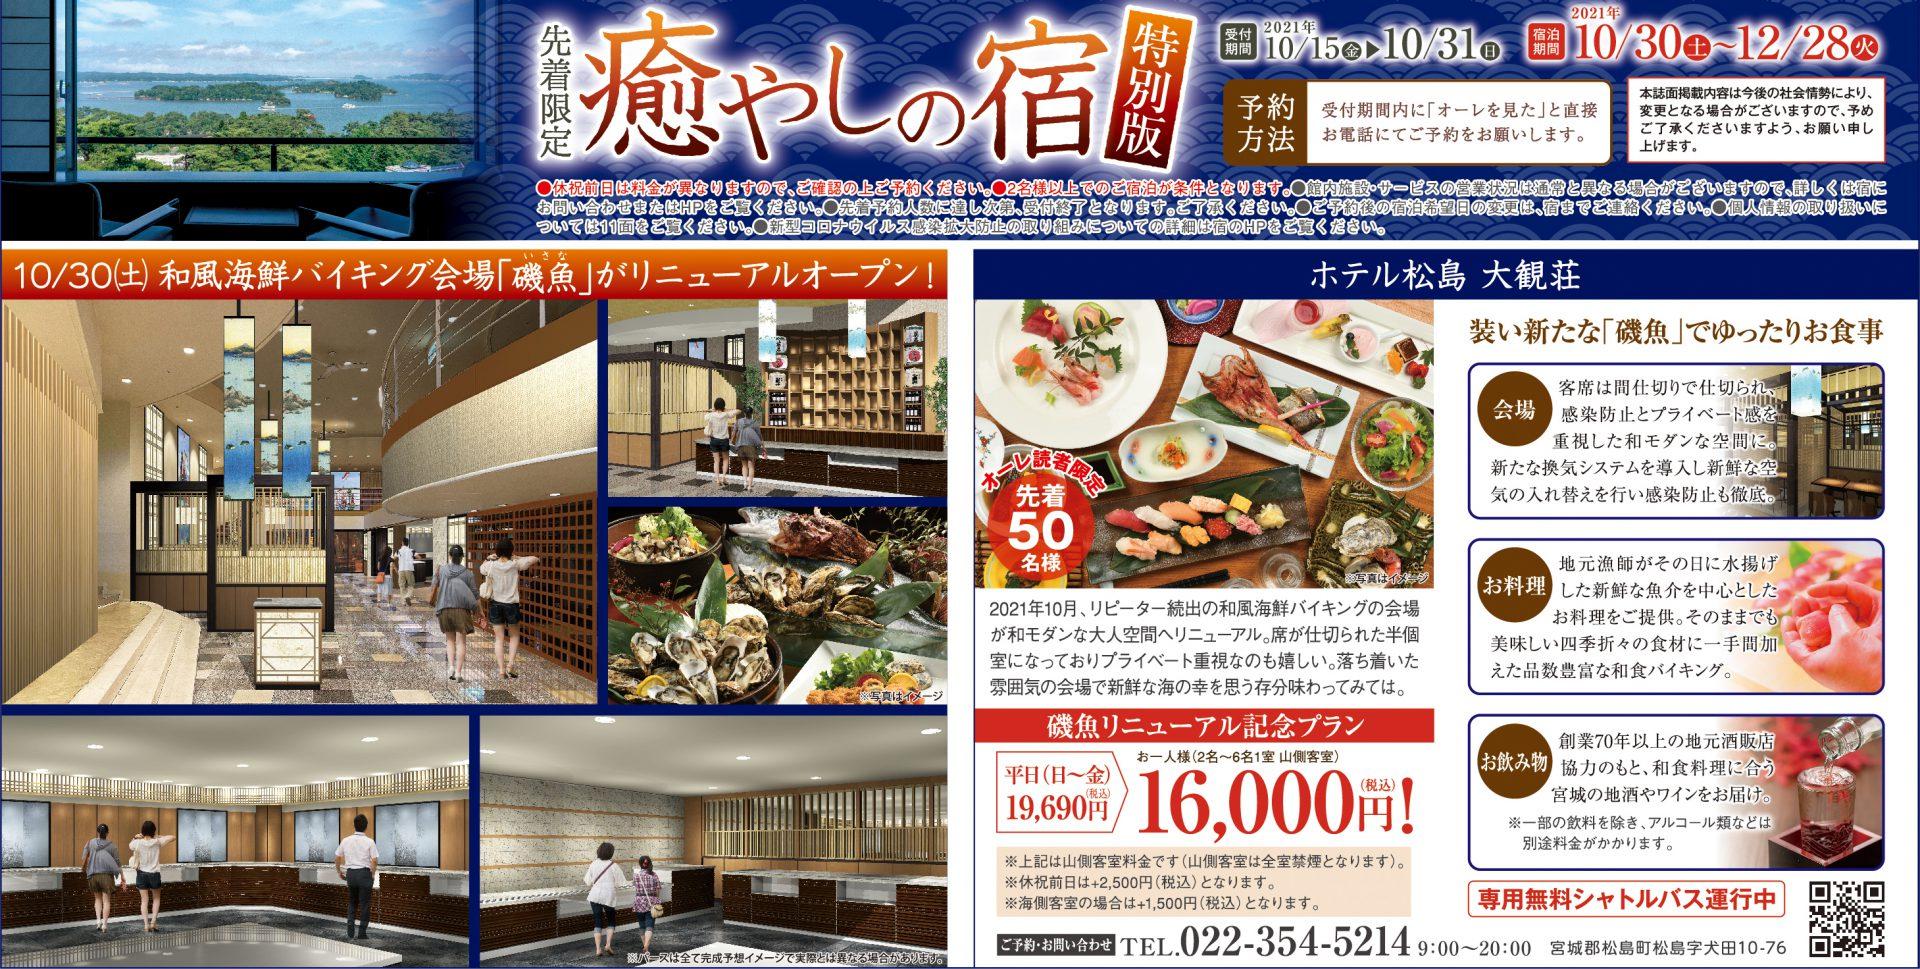 211015_taikanso_4d_ol.jpg